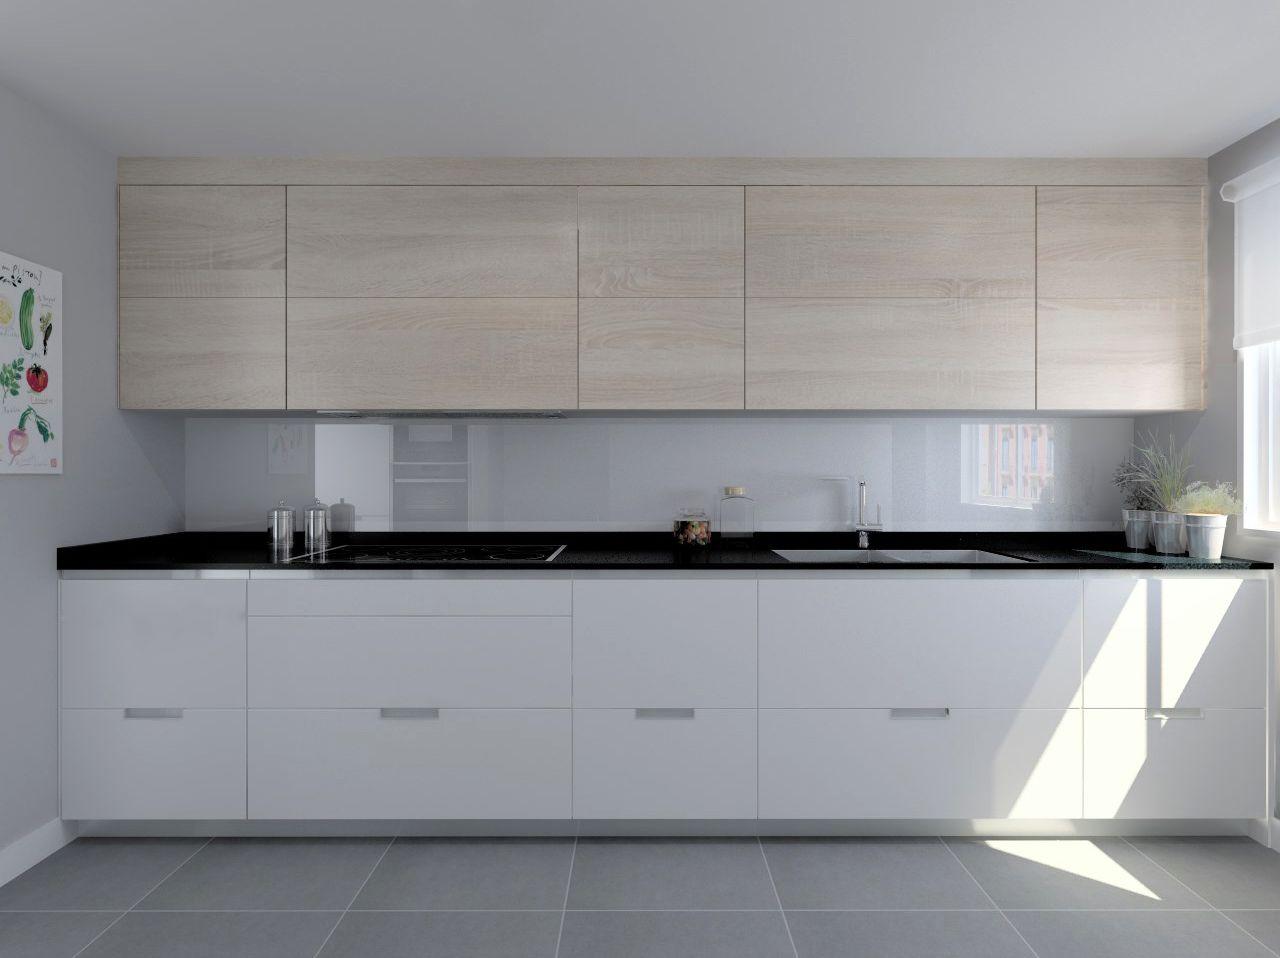 Cocina santos modelo minos laminado seda blanco y for Cocina blanca y negra